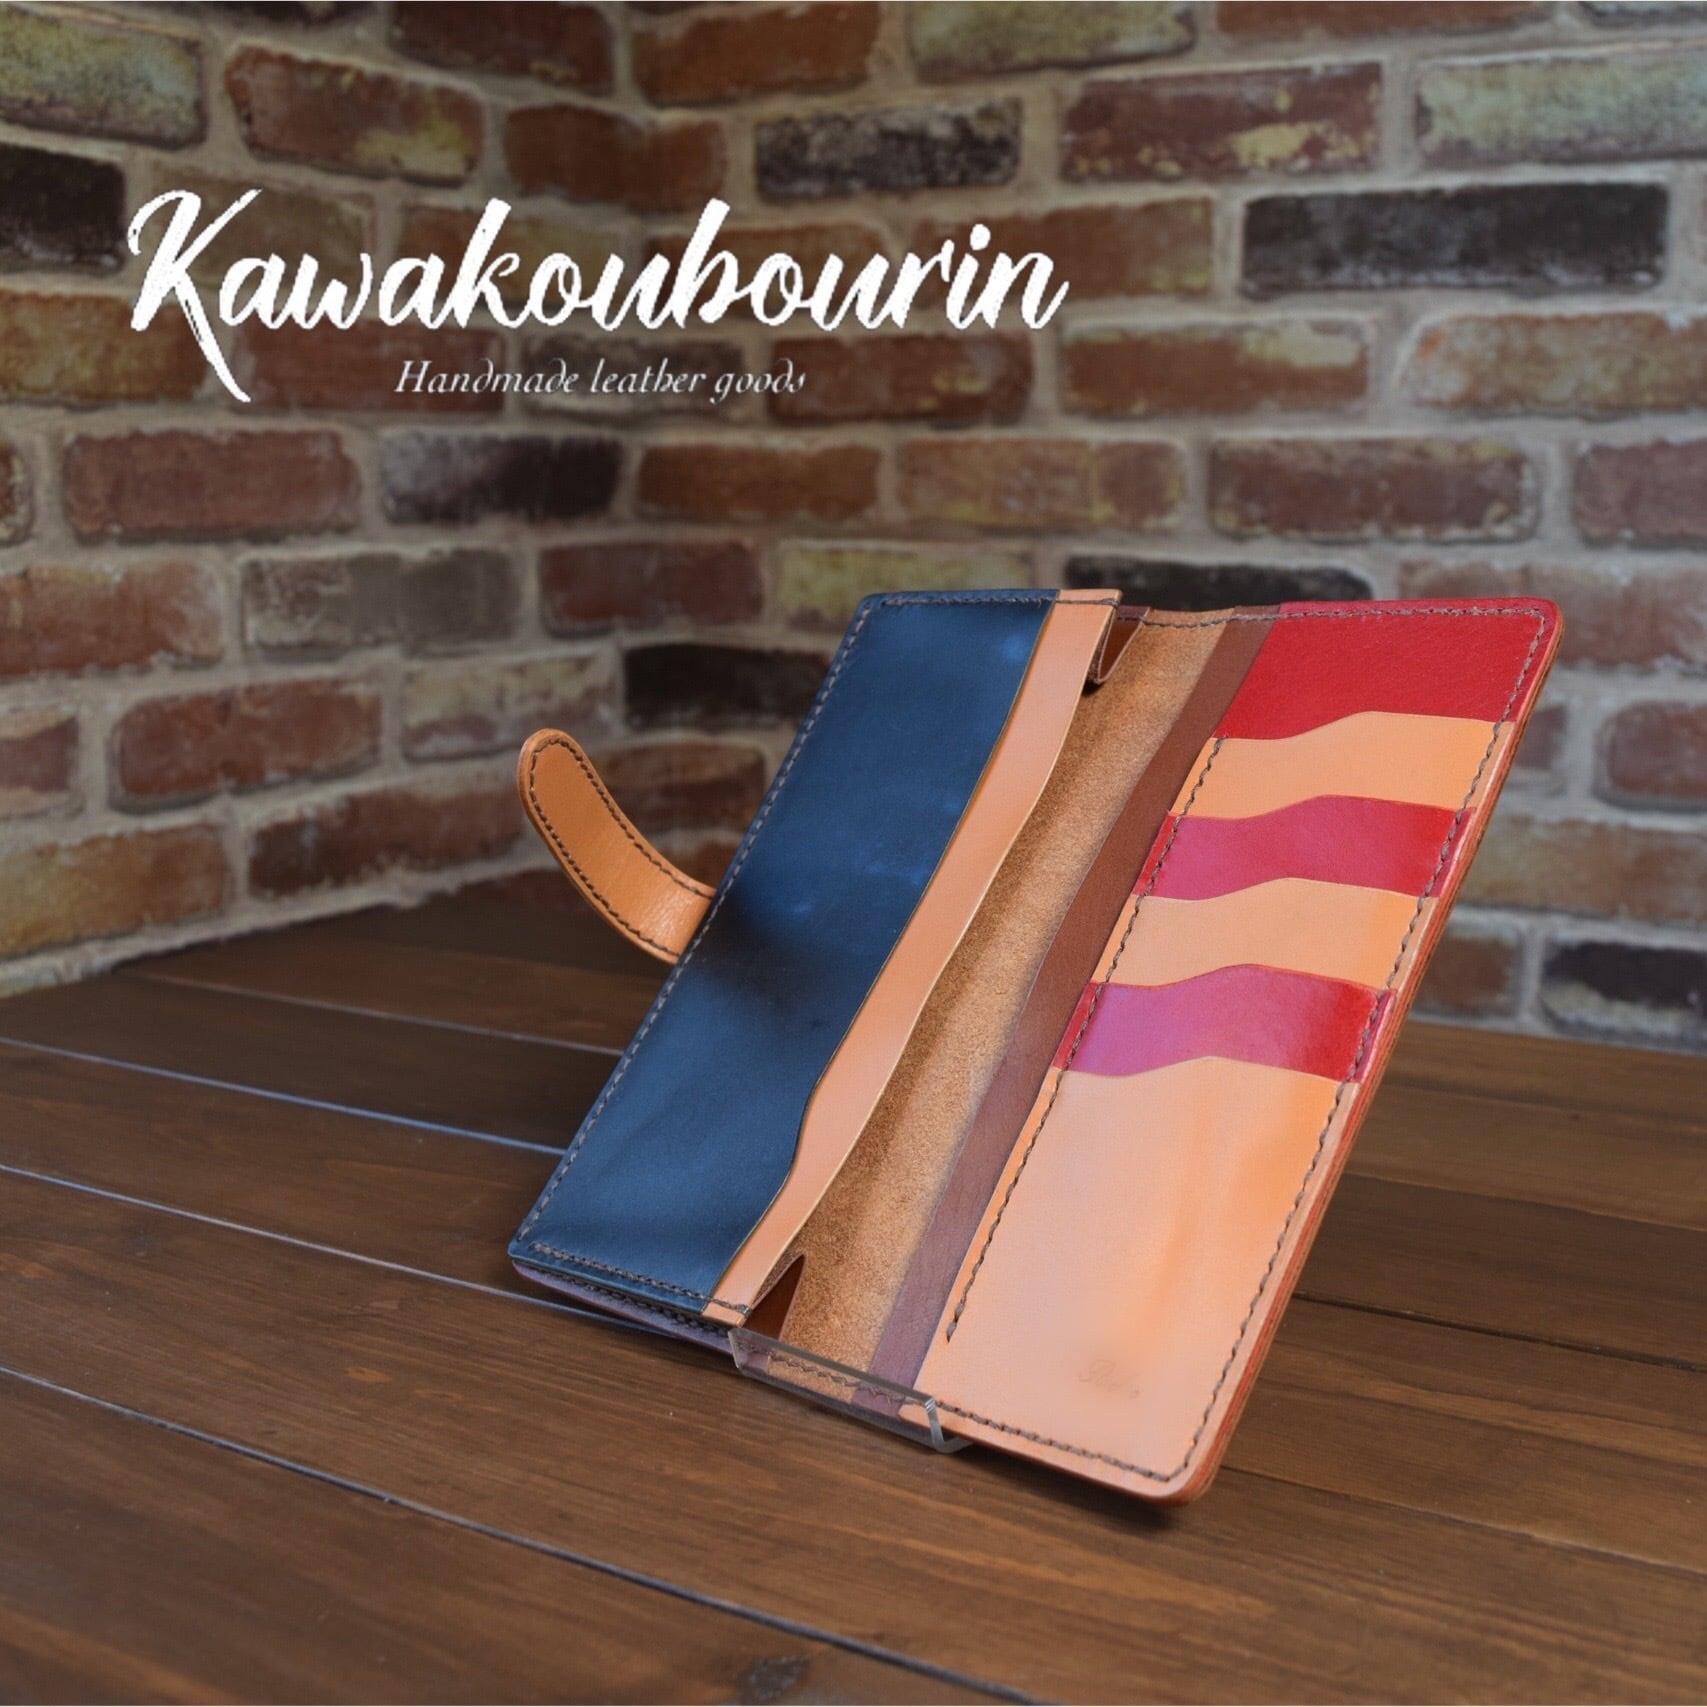 【オーダーメイド制作例】フラップ付き 2つ折り長財布  (KA207b2)